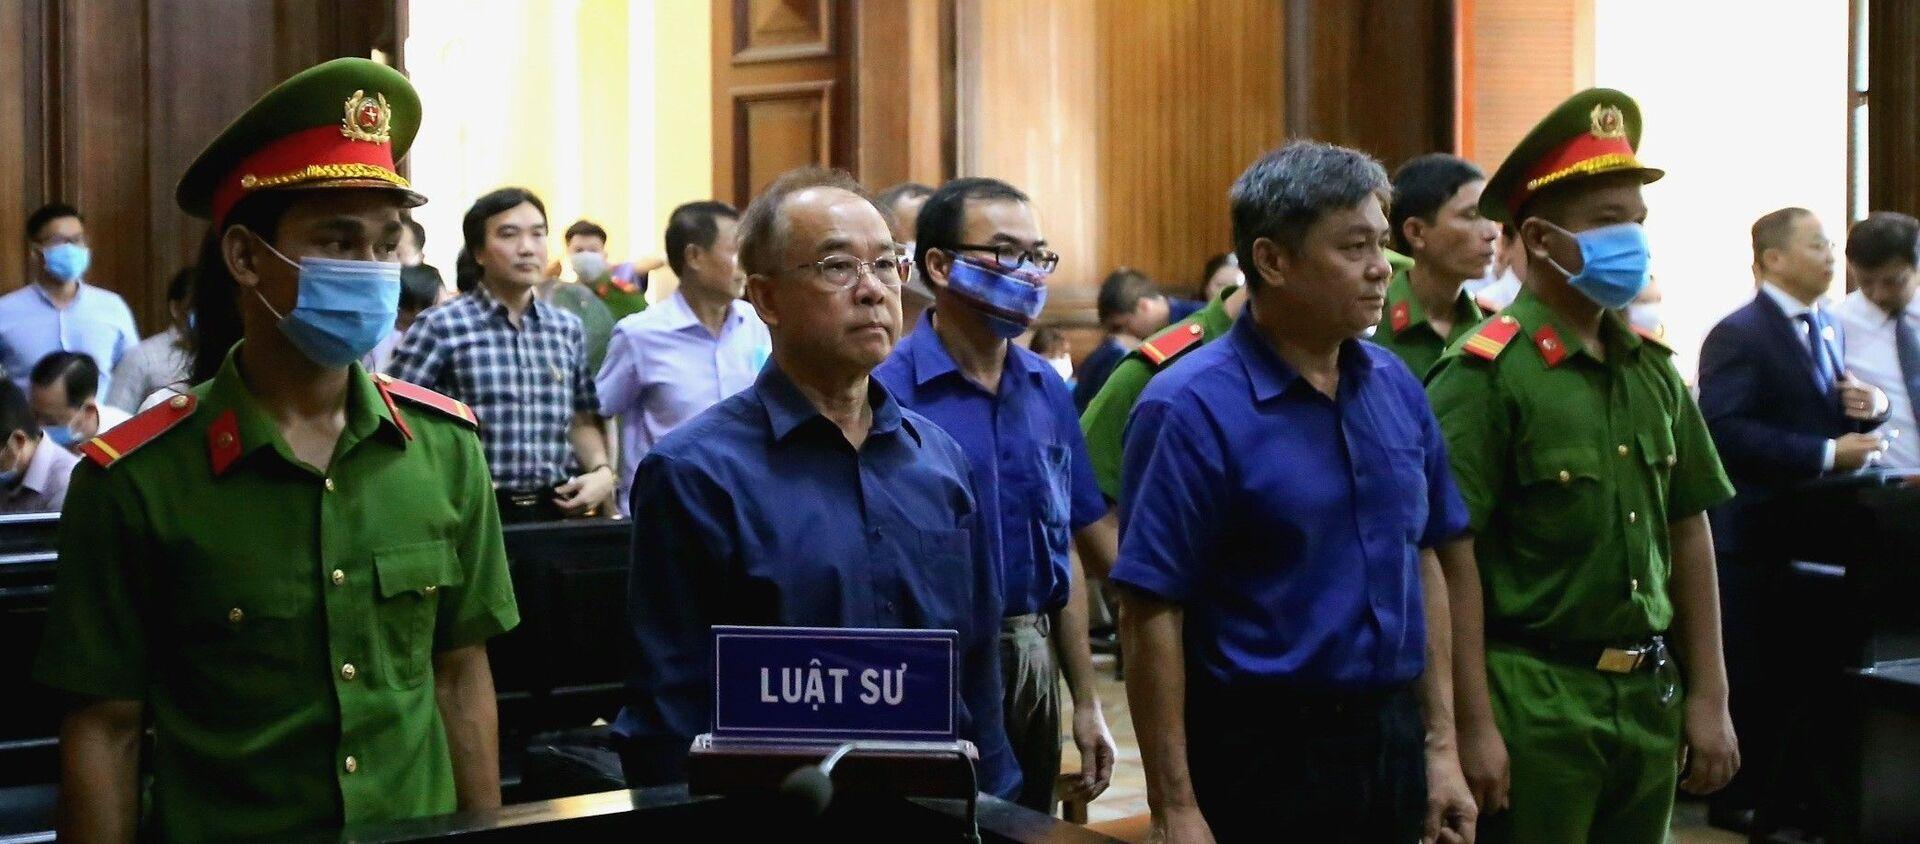 Các bị cáo Nguyễn Thành Tài, Trương Văn Út, Đào Anh Kiệt (từ trái qua) tại phiên tòa ngày 17/9/2020. - Sputnik Việt Nam, 1920, 05.10.2020